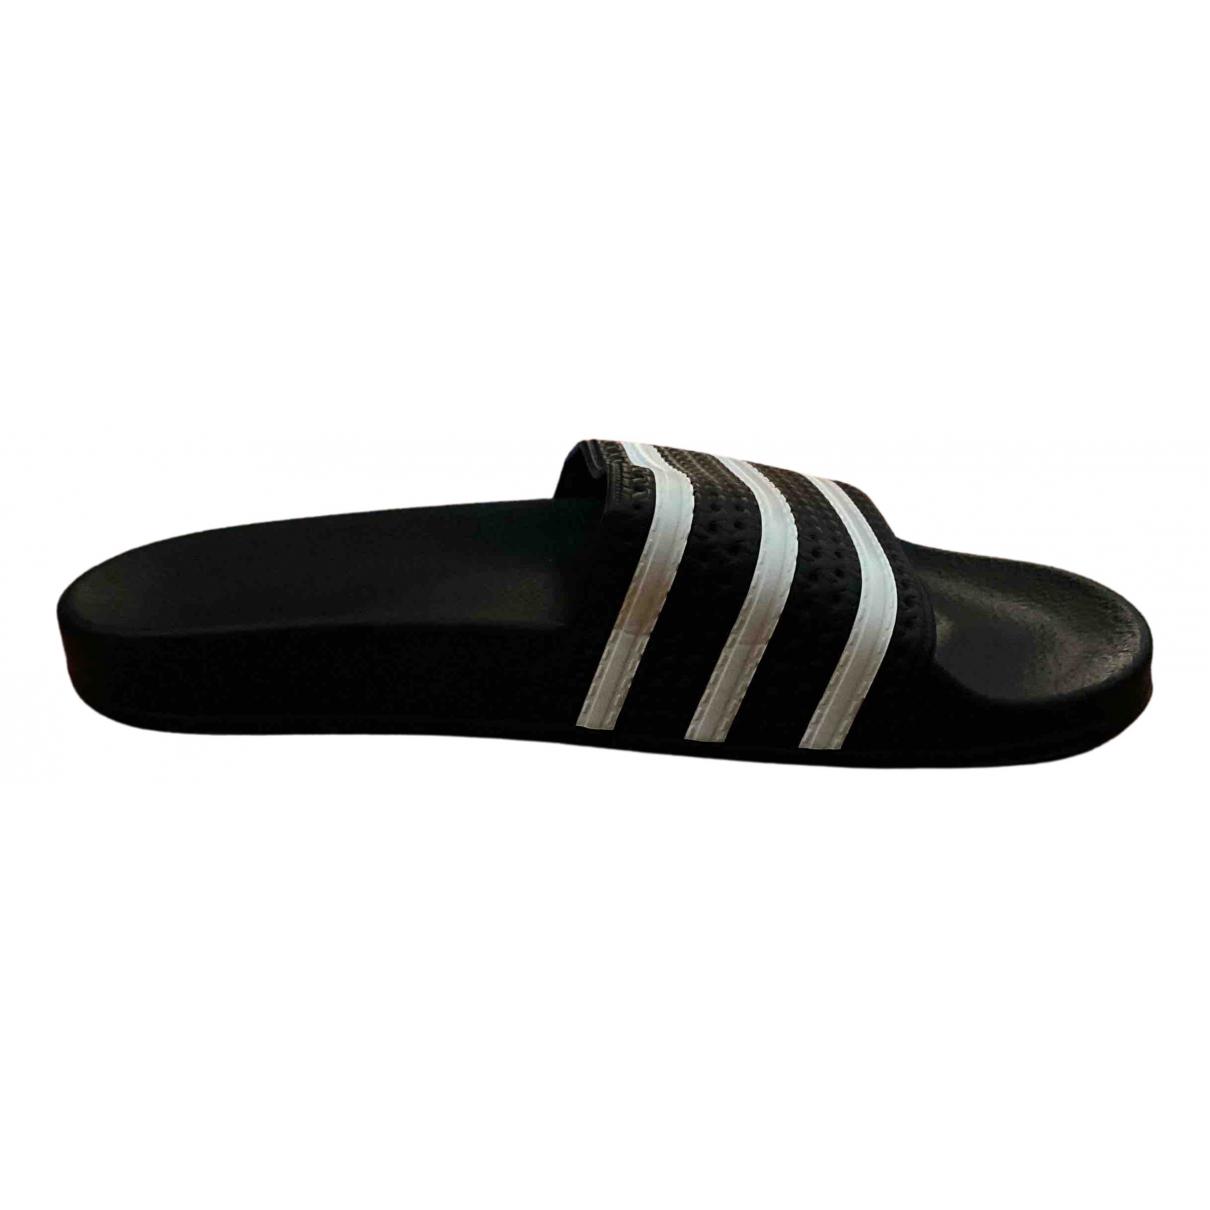 Adidas - Sandales   pour homme en caoutchouc - noir